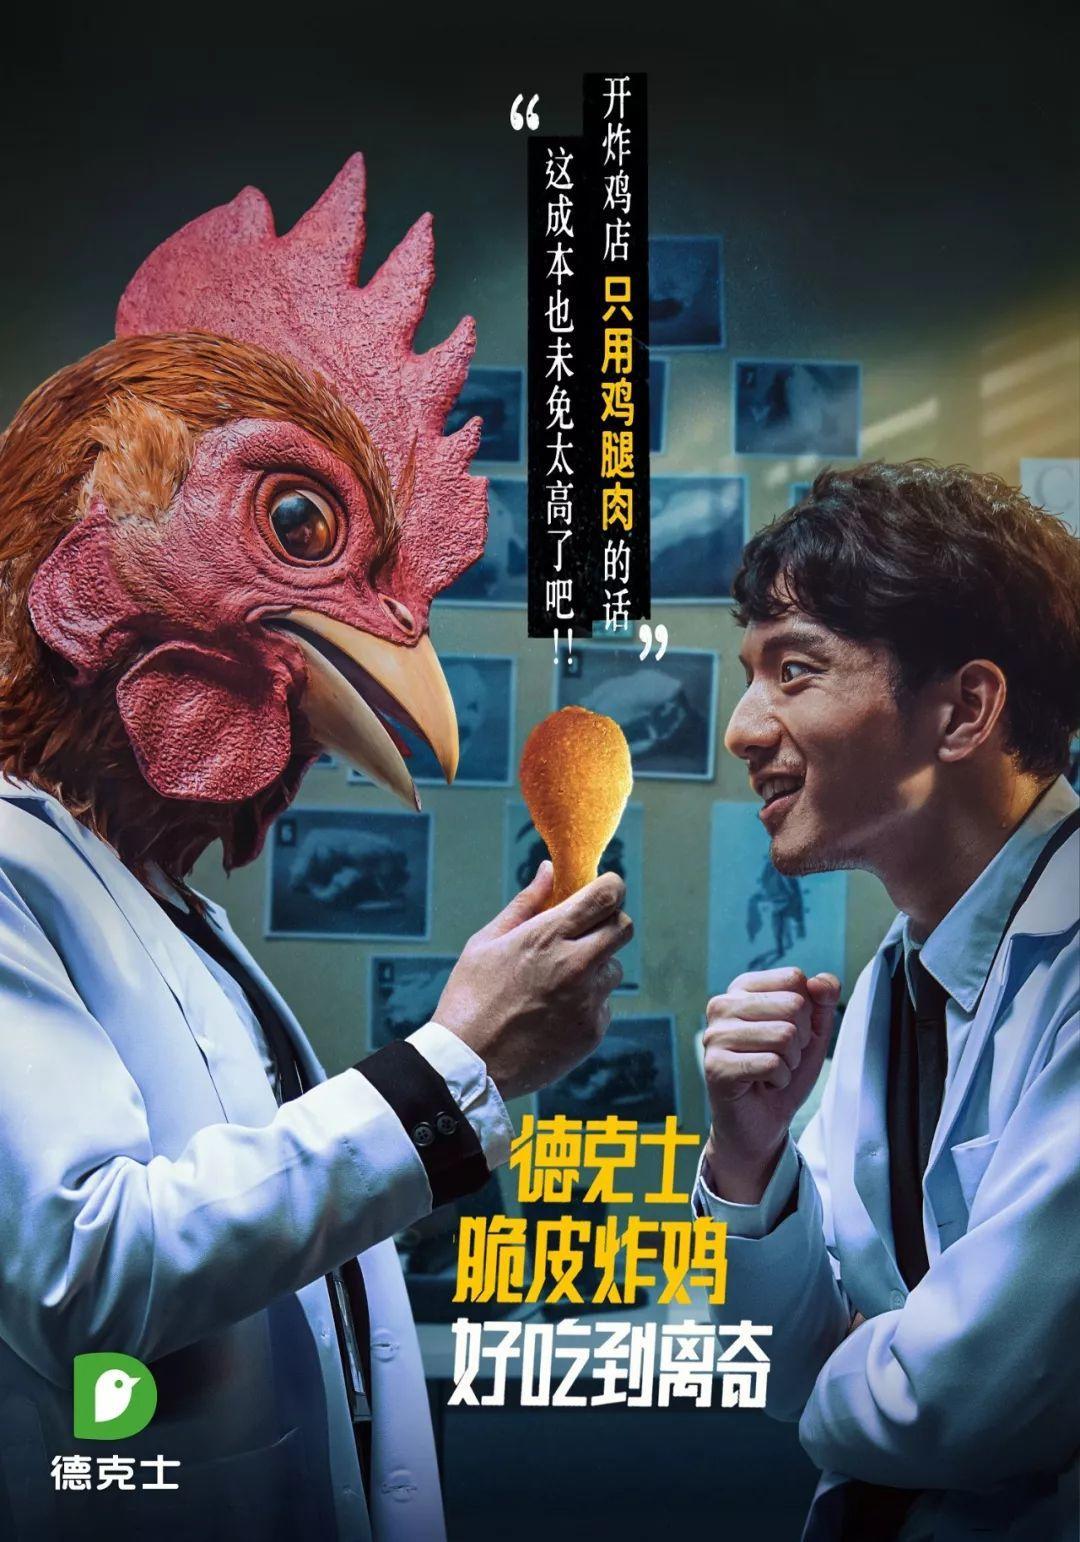 这支以鸡为主角的悬疑广告,火了!